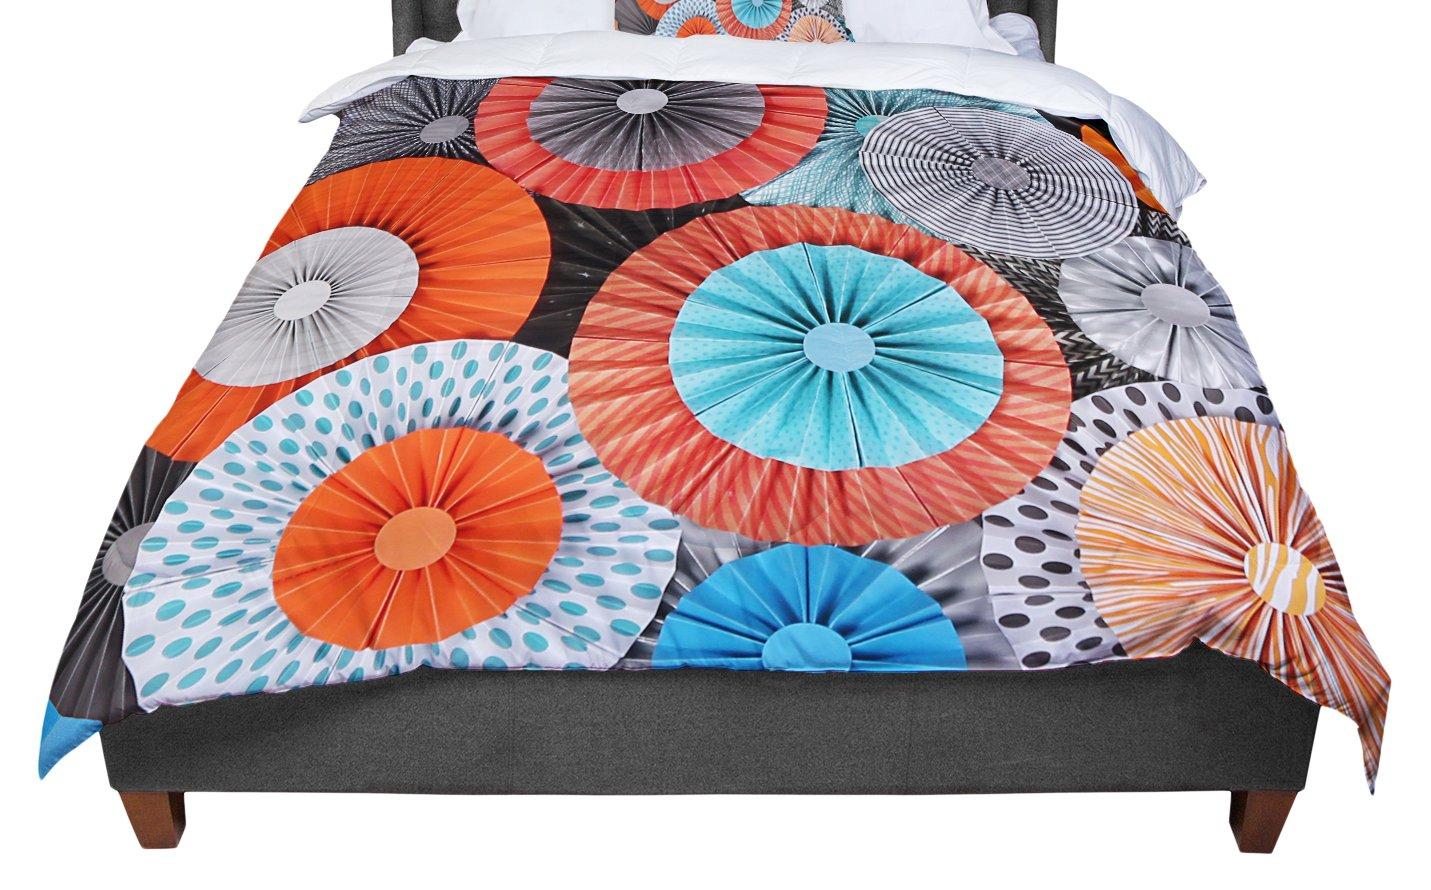 KESS InHouse Heidi Jennings 'Breaking Free' Orange Blue Twin Comforter, 68' X 88'